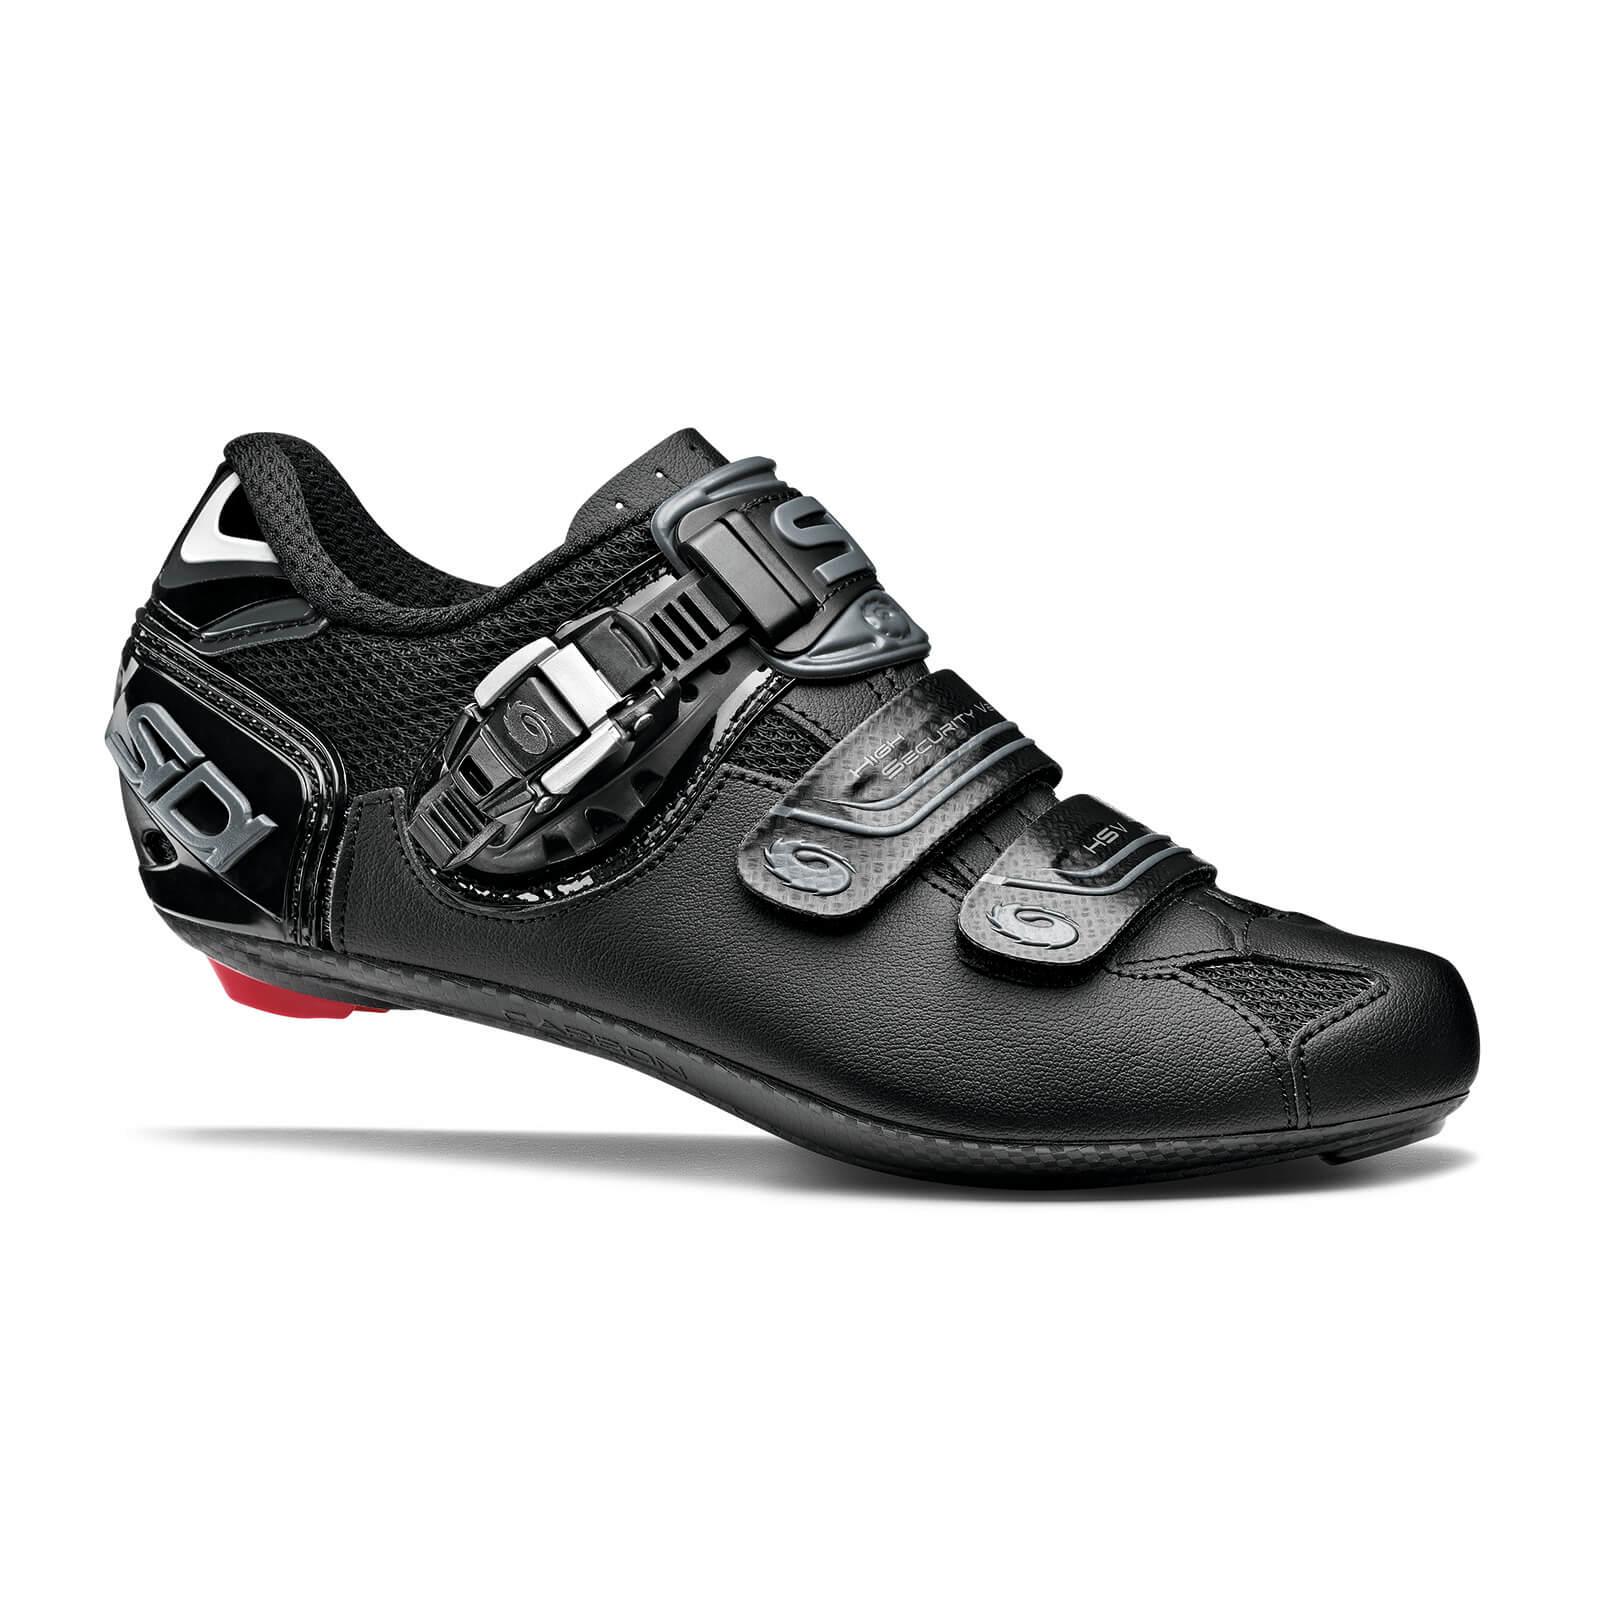 Sidi Women's Genius 7 Road Shoes - Shadow Black - EU 43 - Shadow Black